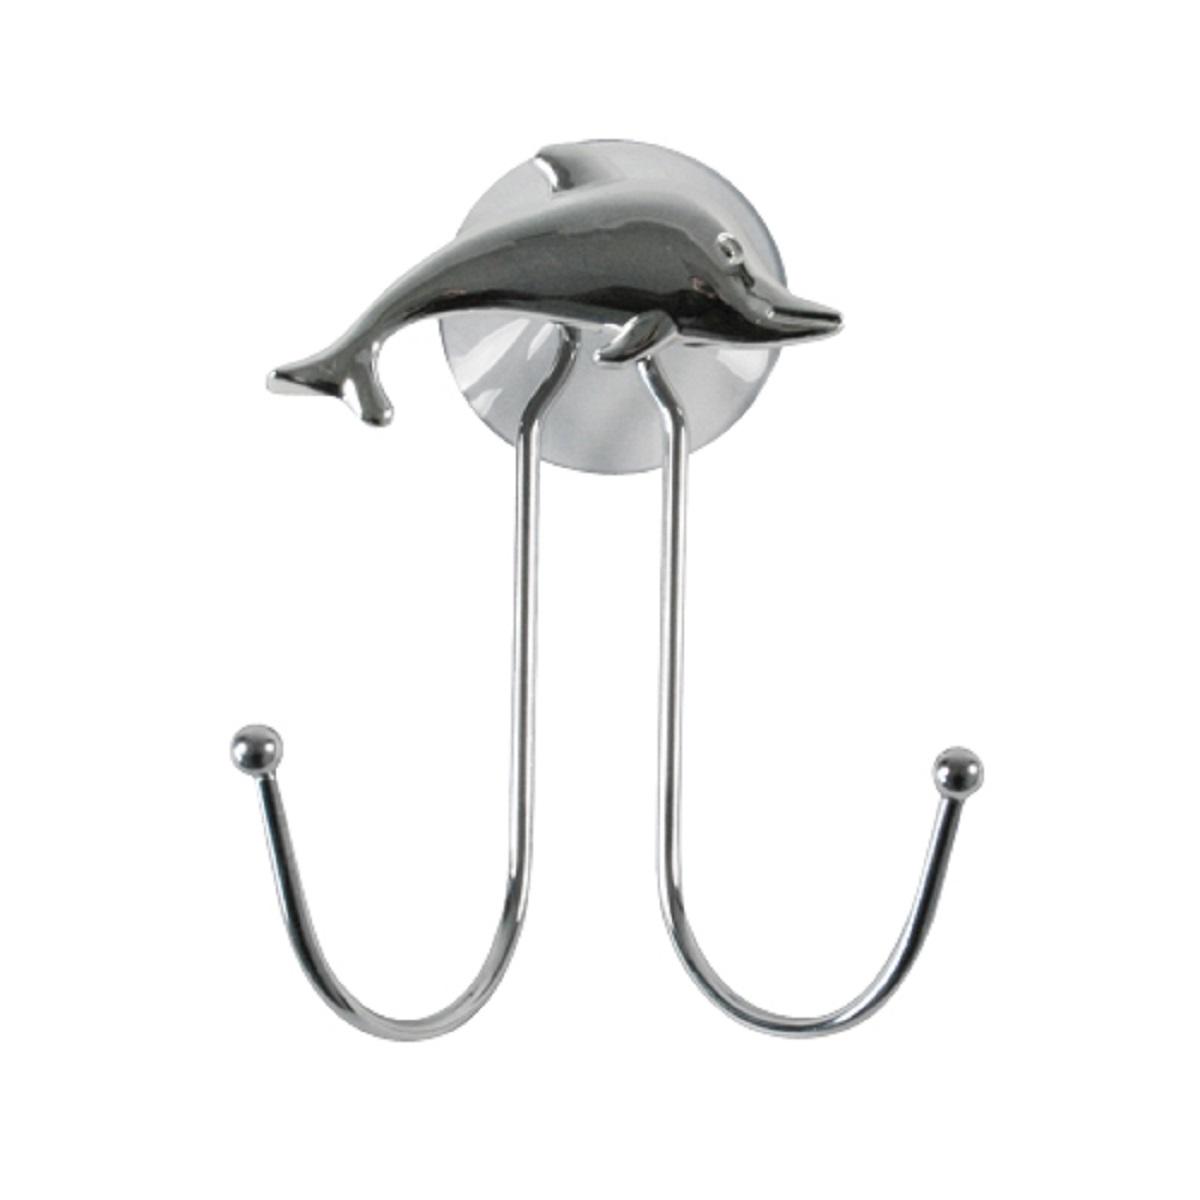 Крючок Top Star Silver Dolphin, двойной, на присоске, цвет: хром80653Крючок двойной настенный на присоске с декором серебристый дельфин. Подходит для полотенец, мочалок, халатов и других ванных принадлежностей. Крепится на присоску, в комплекте. Выдерживает вес до 2-х килограмм на гладкой, воздухонепроницаемой, очищенной и обезжиренной поверхности. Крючок изготовлен из высококачественной хромированной стали, устойчивой к высокой влажности. Отлично сочетается с другими аксессуарами из коллекции Silver Dolphin.